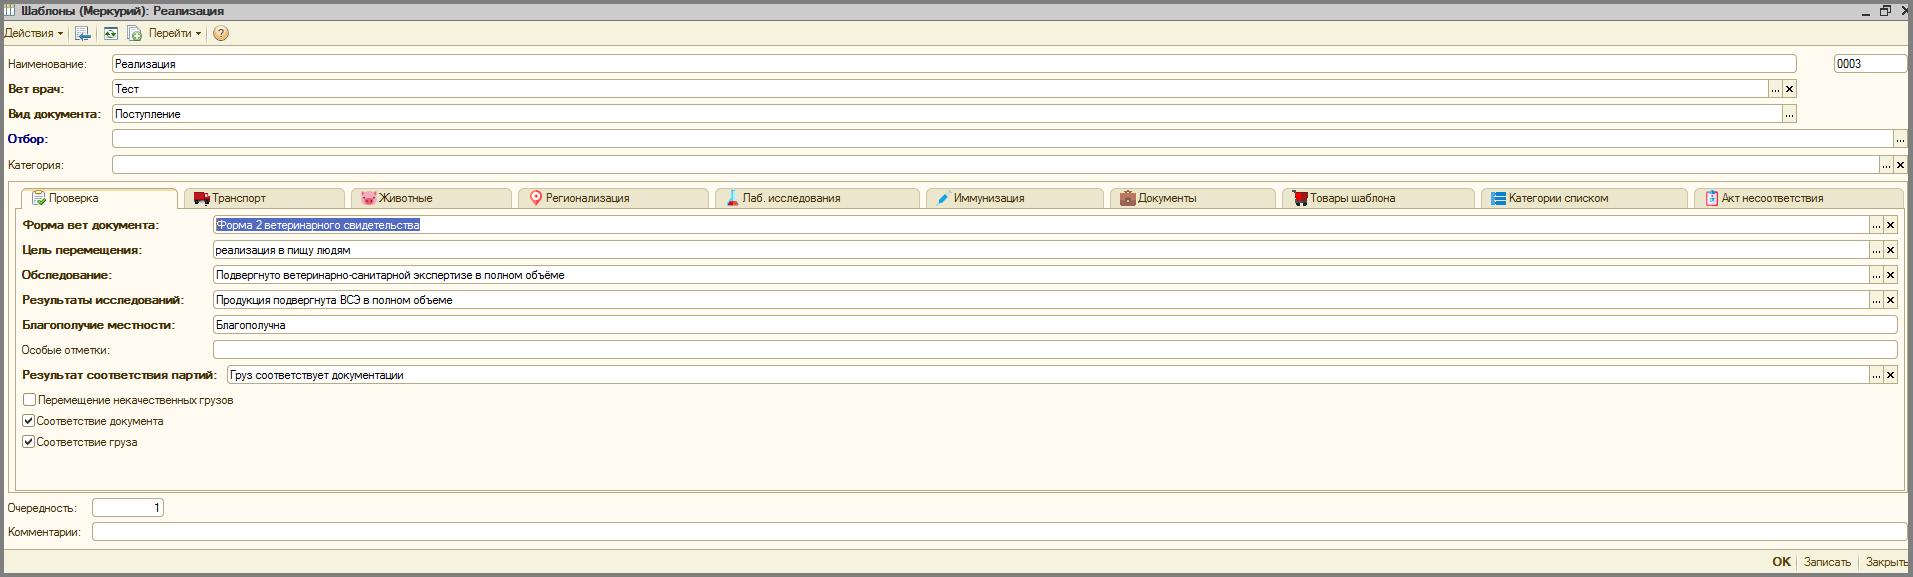 4. Пример шаблонов сертификатов  (образцы предназначенные для автоматического заполнения информации, являющейся одинаковой для одного вида документов).